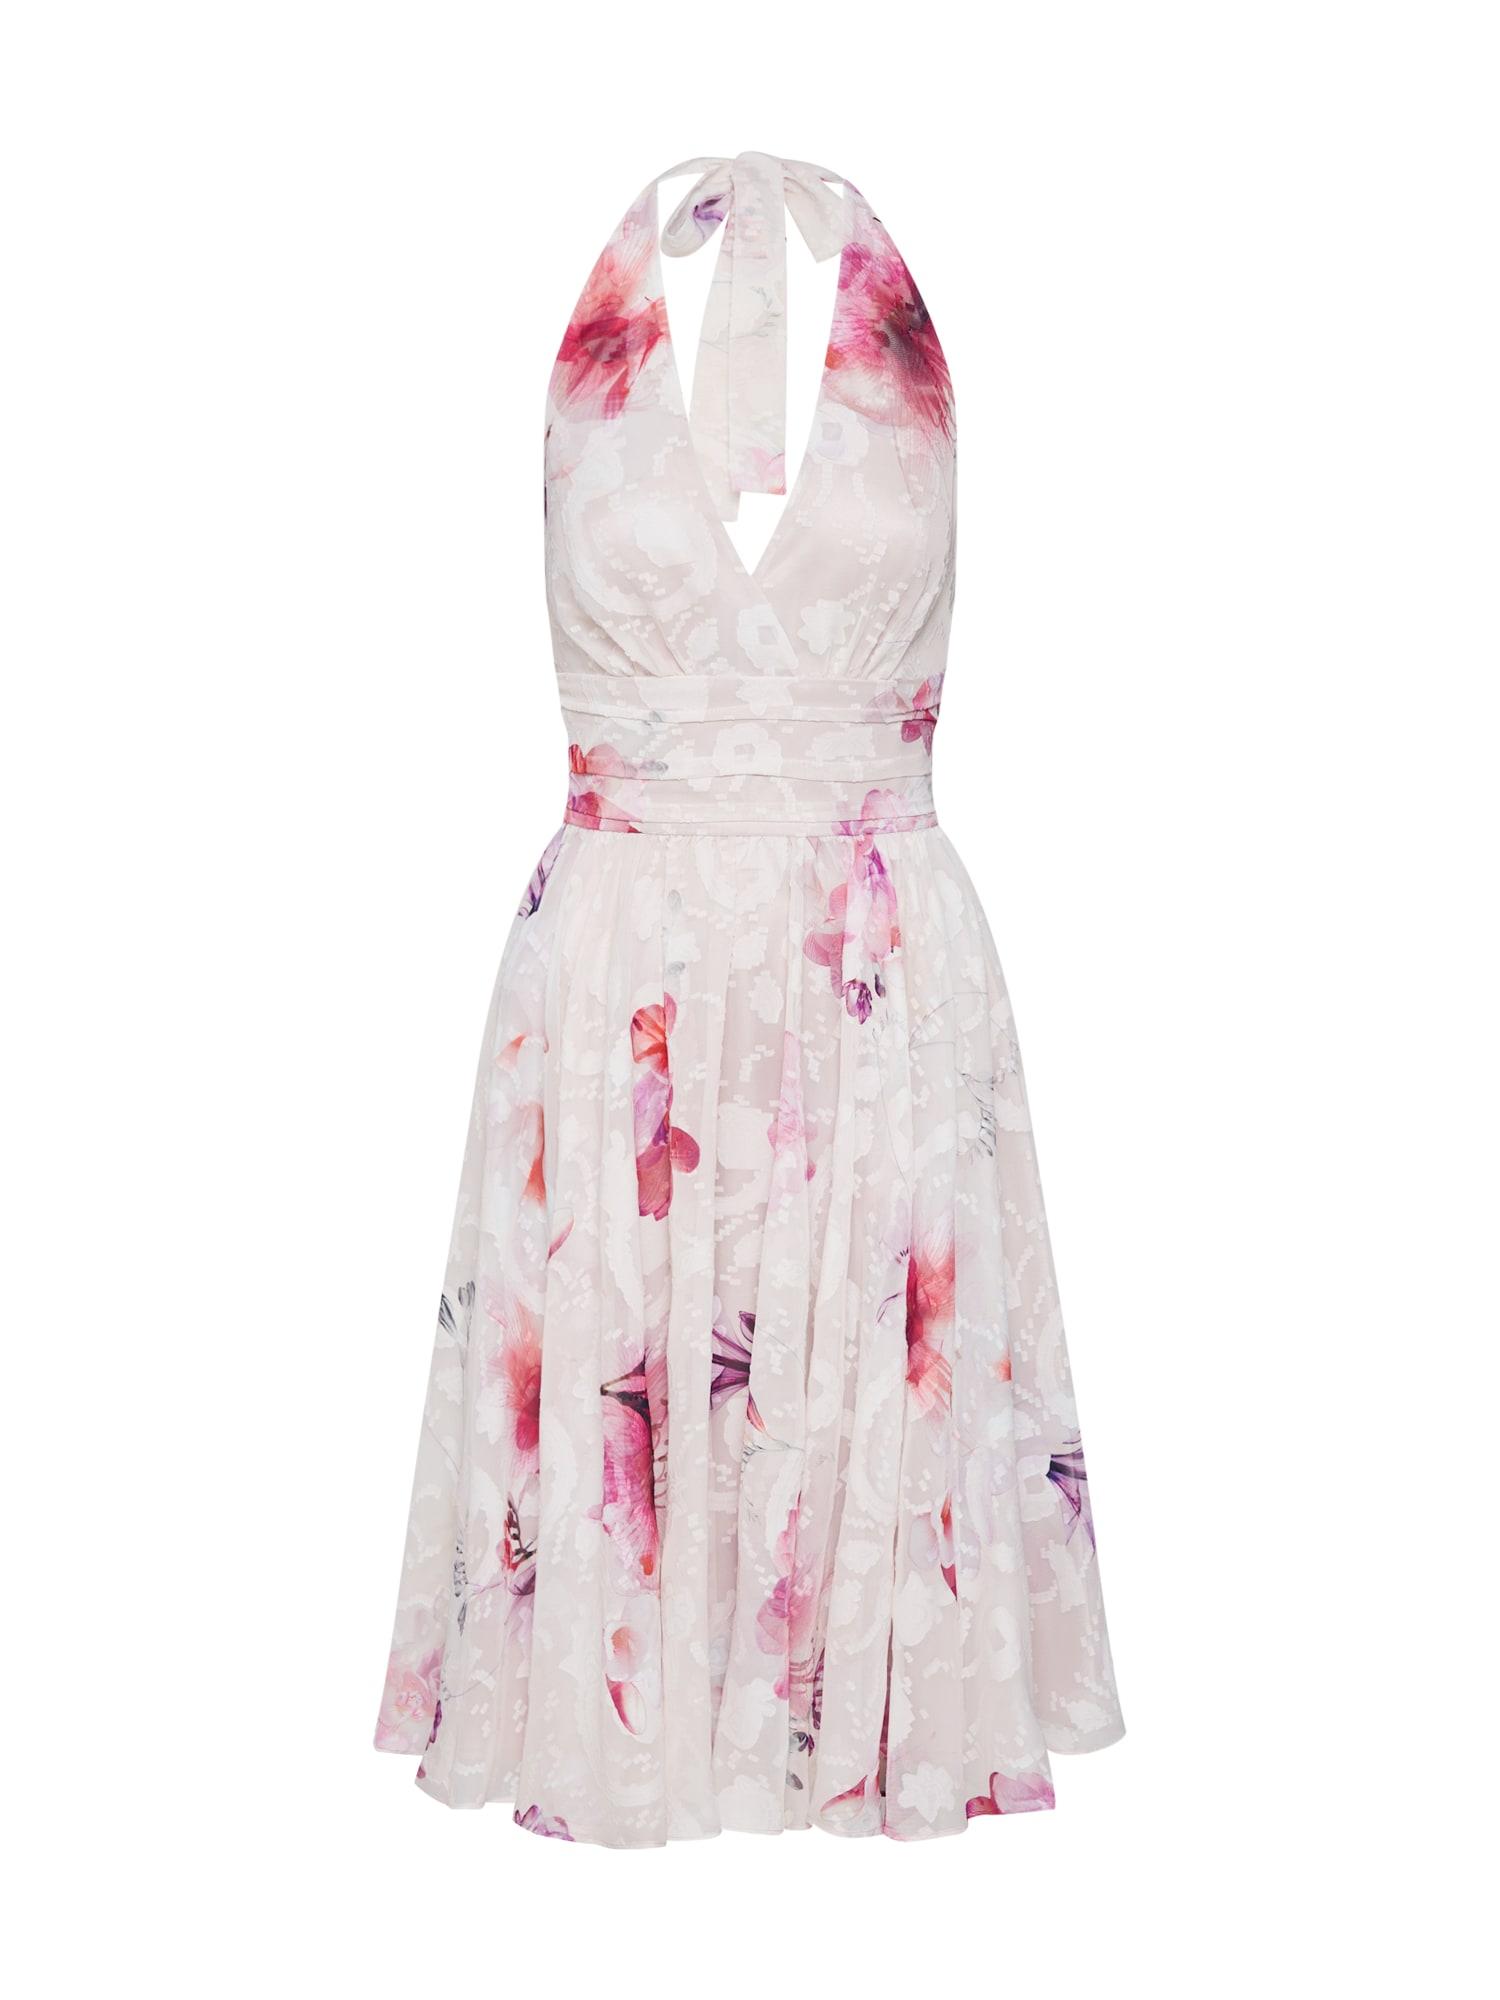 Koktejlové šaty Kleid - Chiffon mix barev růžová SWING